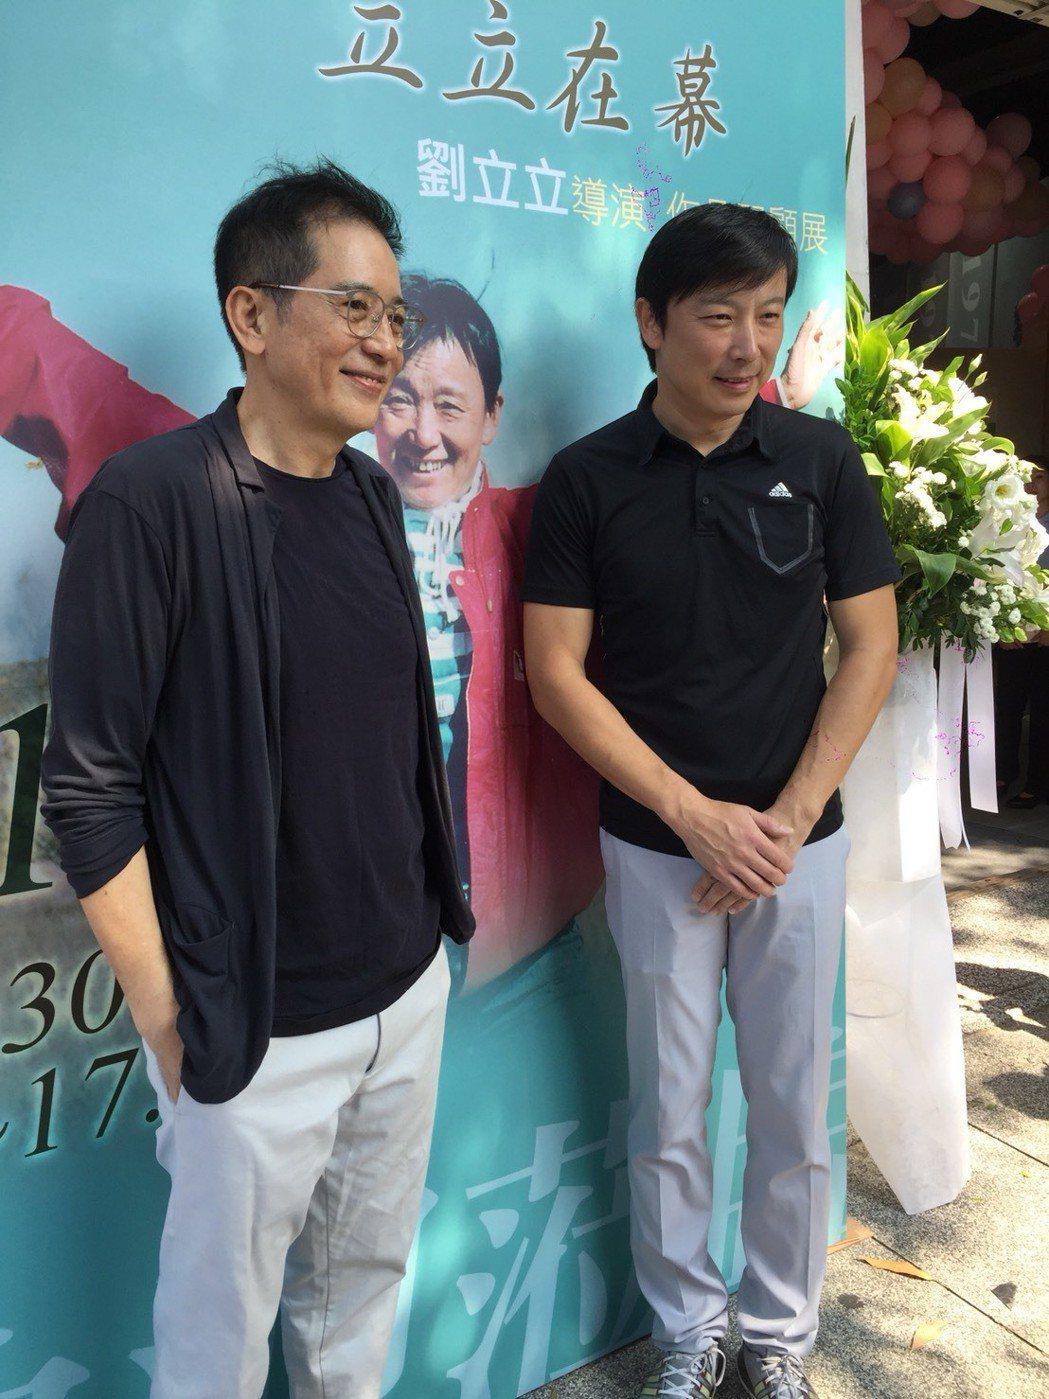 秦漢出席劉立立導演作品紀念回顧展。記者陳慧貞/攝影